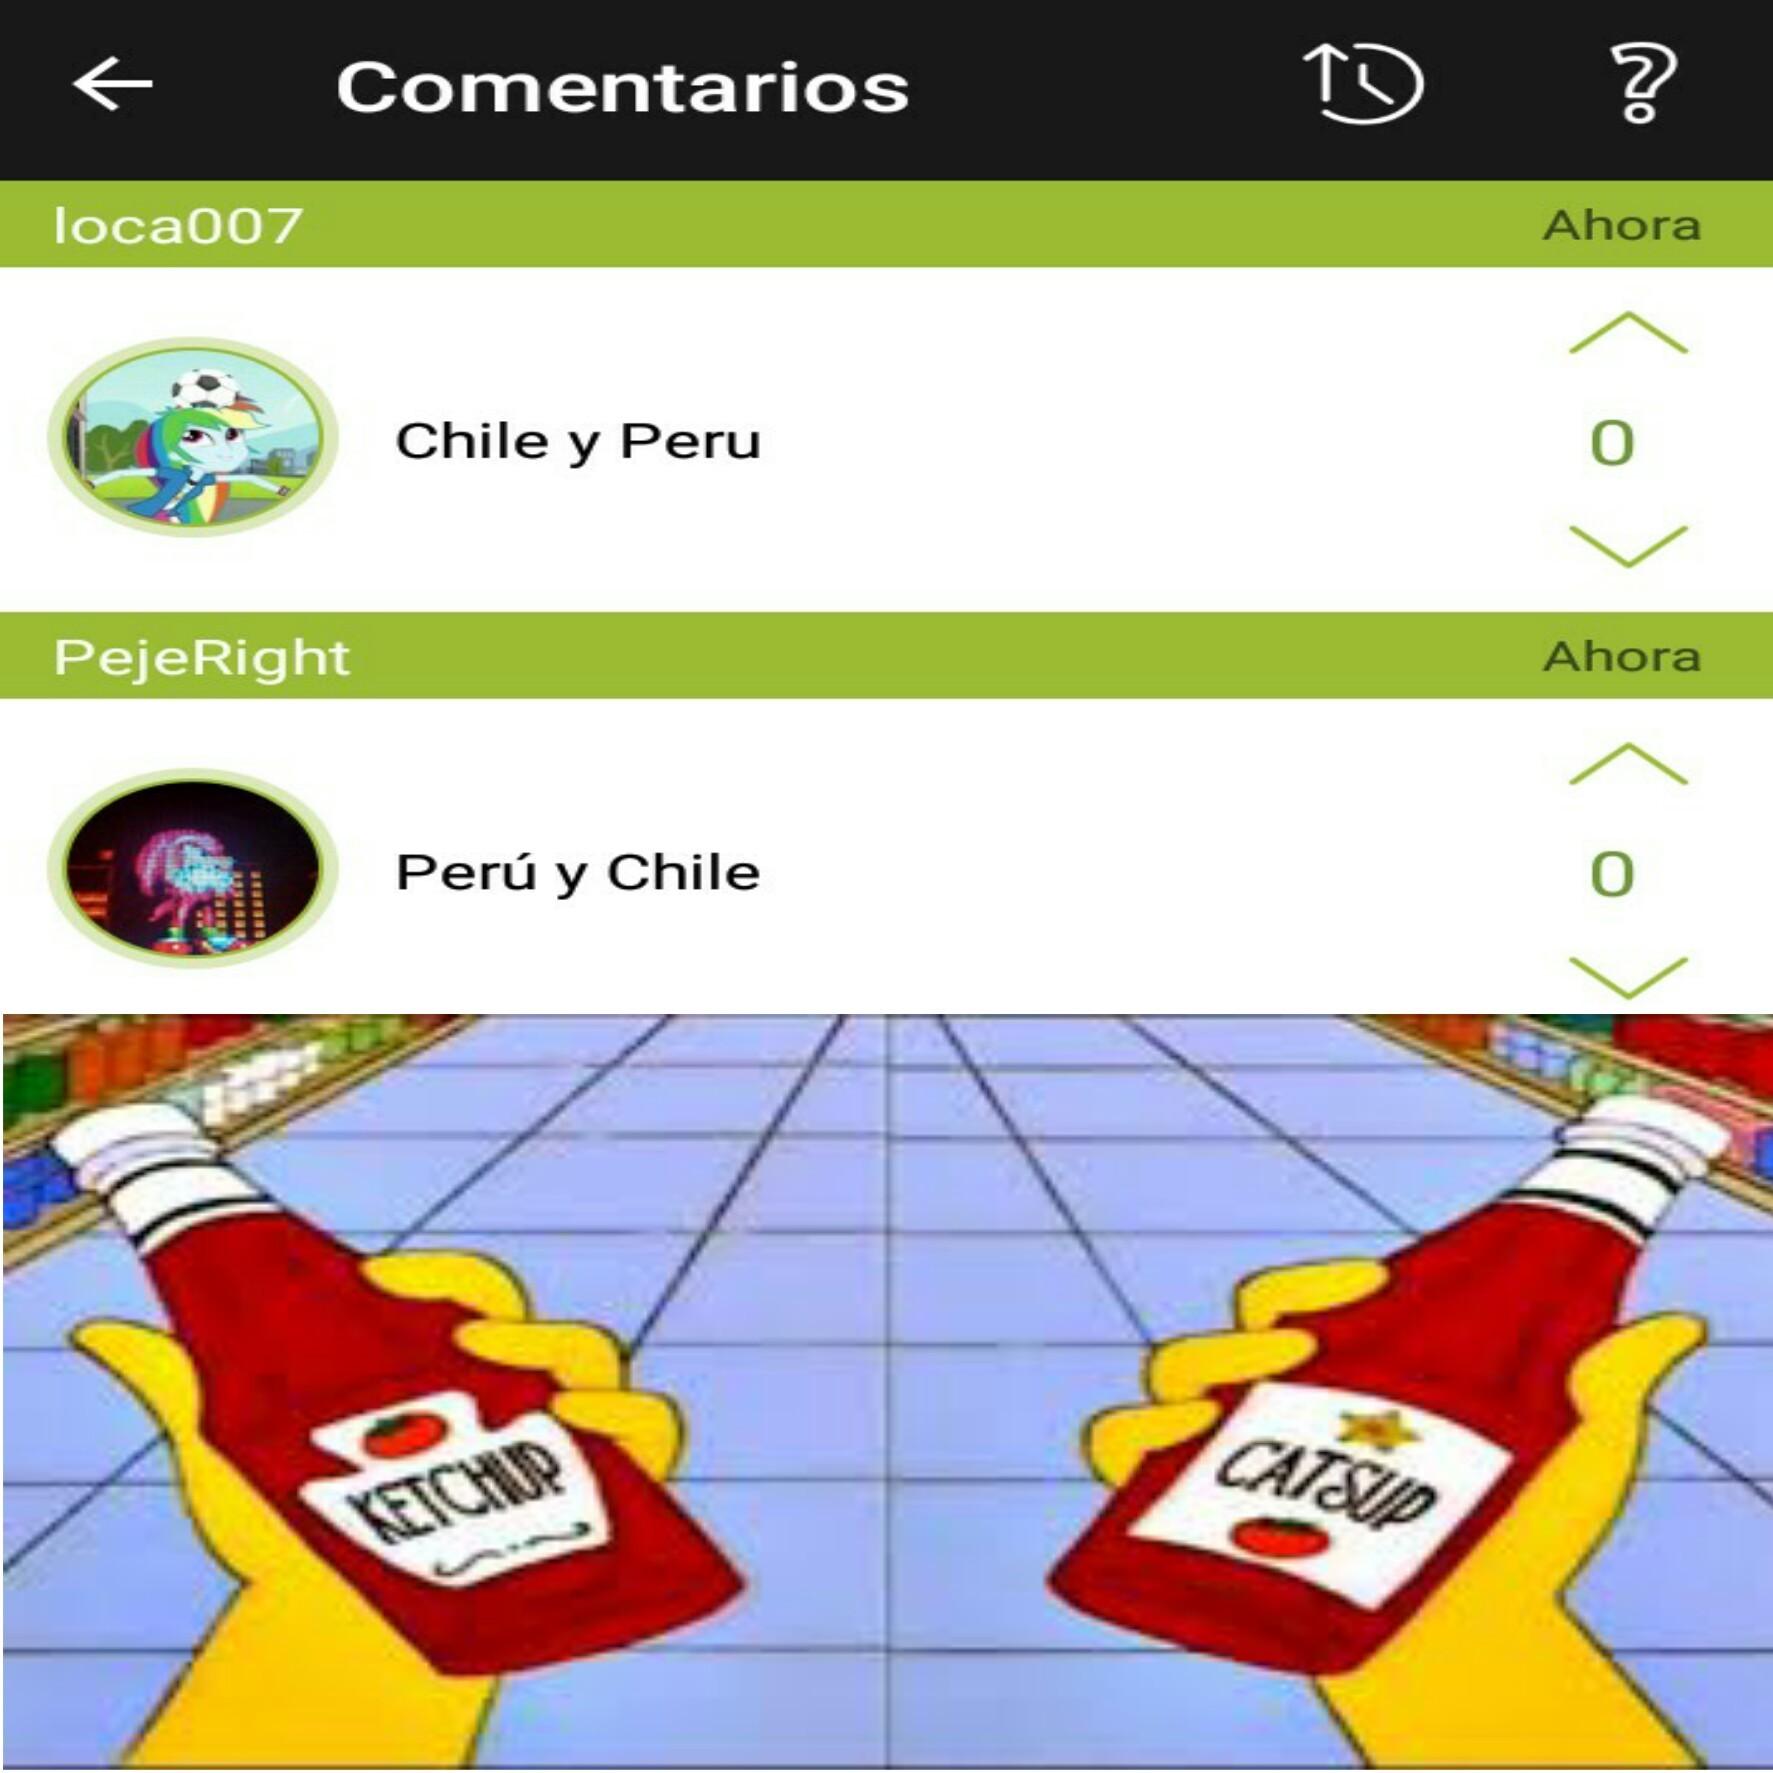 Perú y Chile - meme